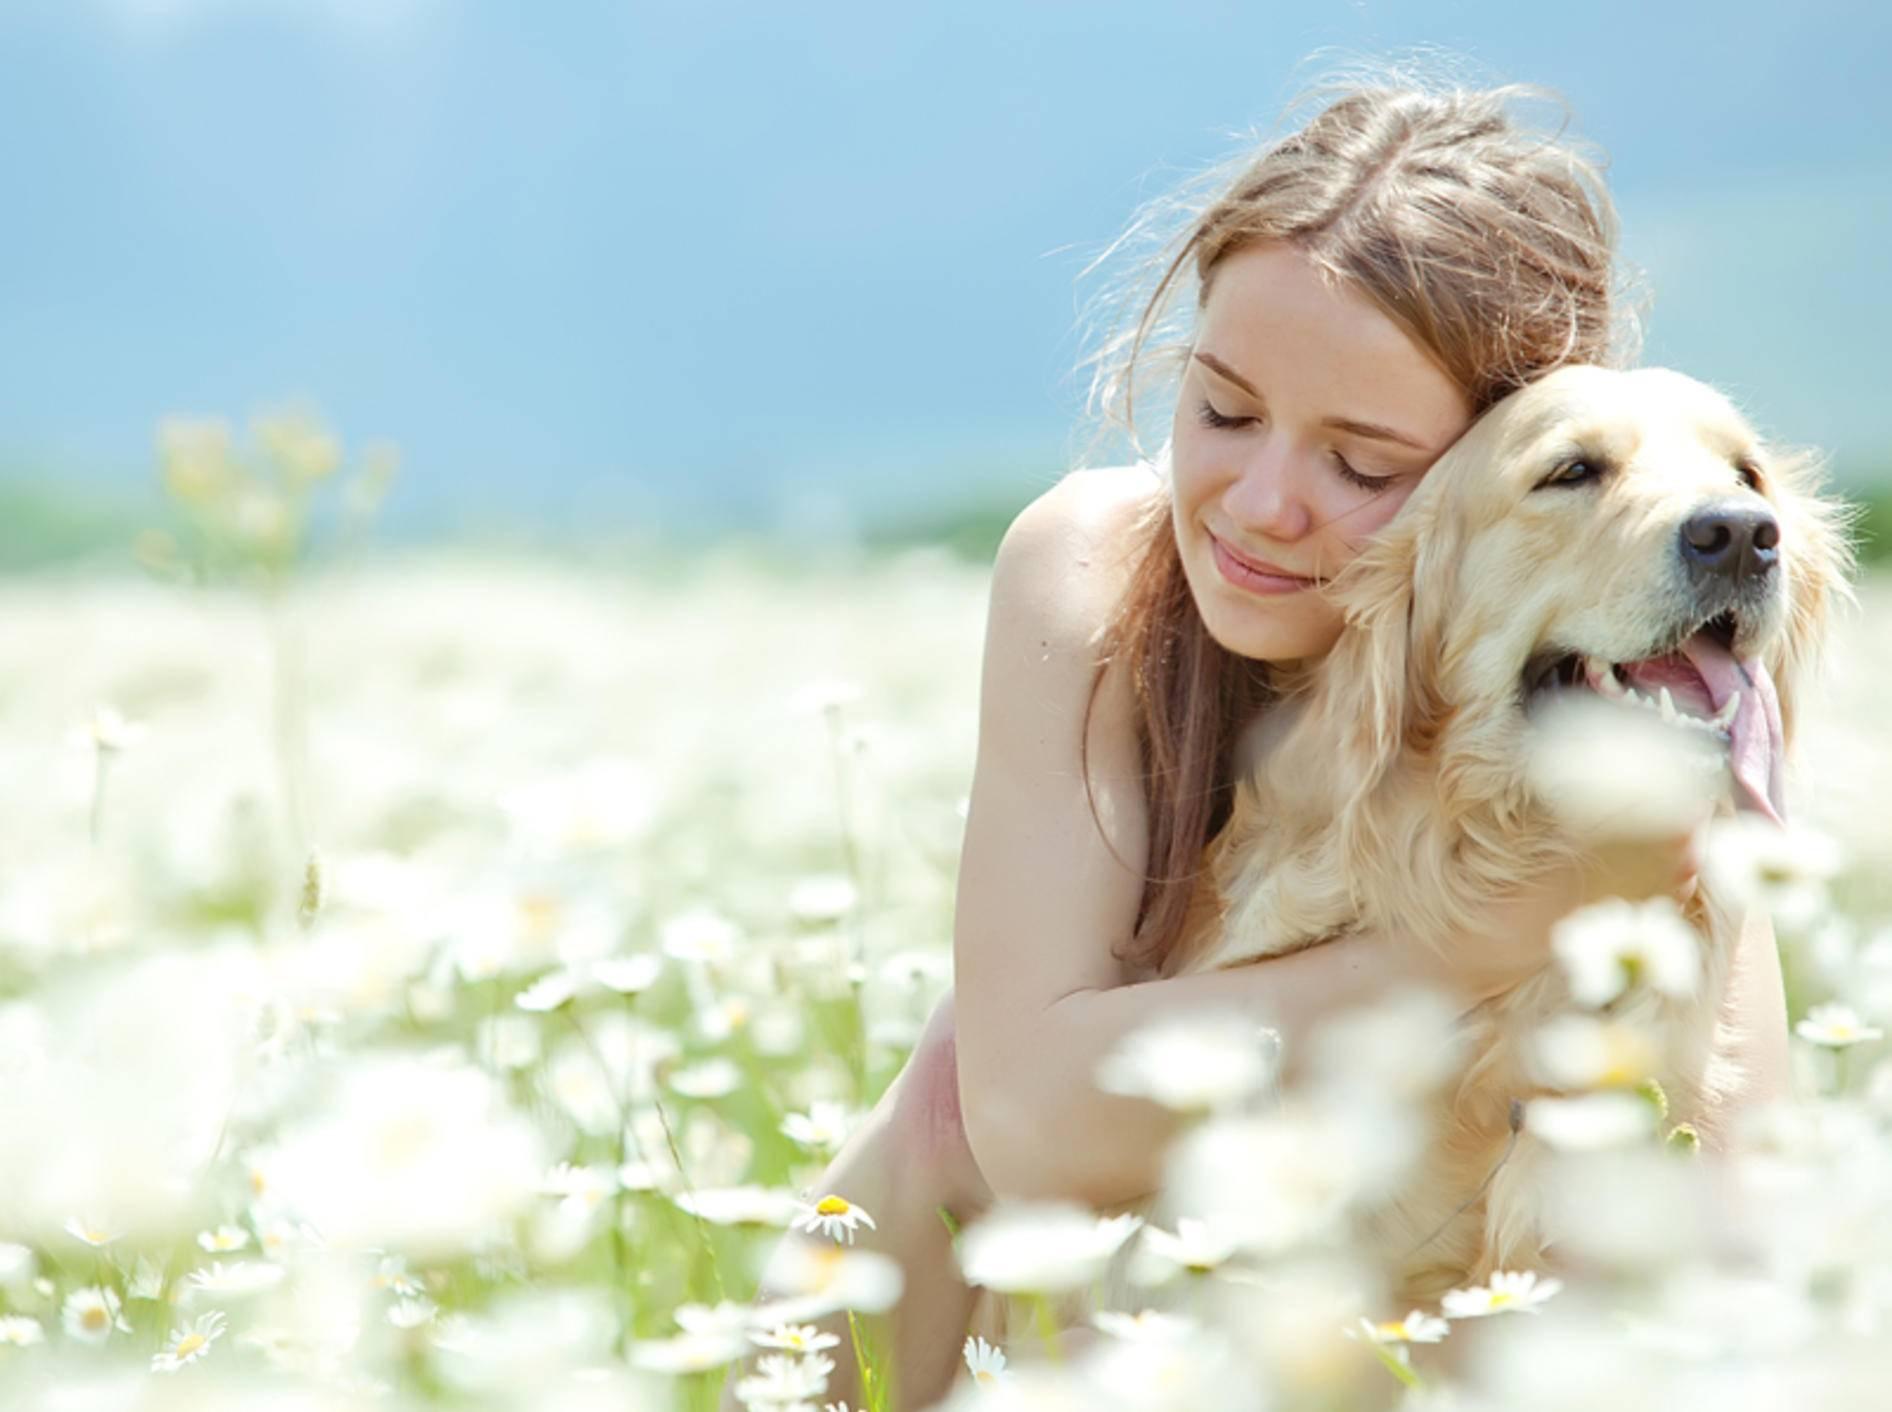 Die junge Frau genießt die Umarmung, der Hund jedoch nicht – Shutterstock / Nina Buday